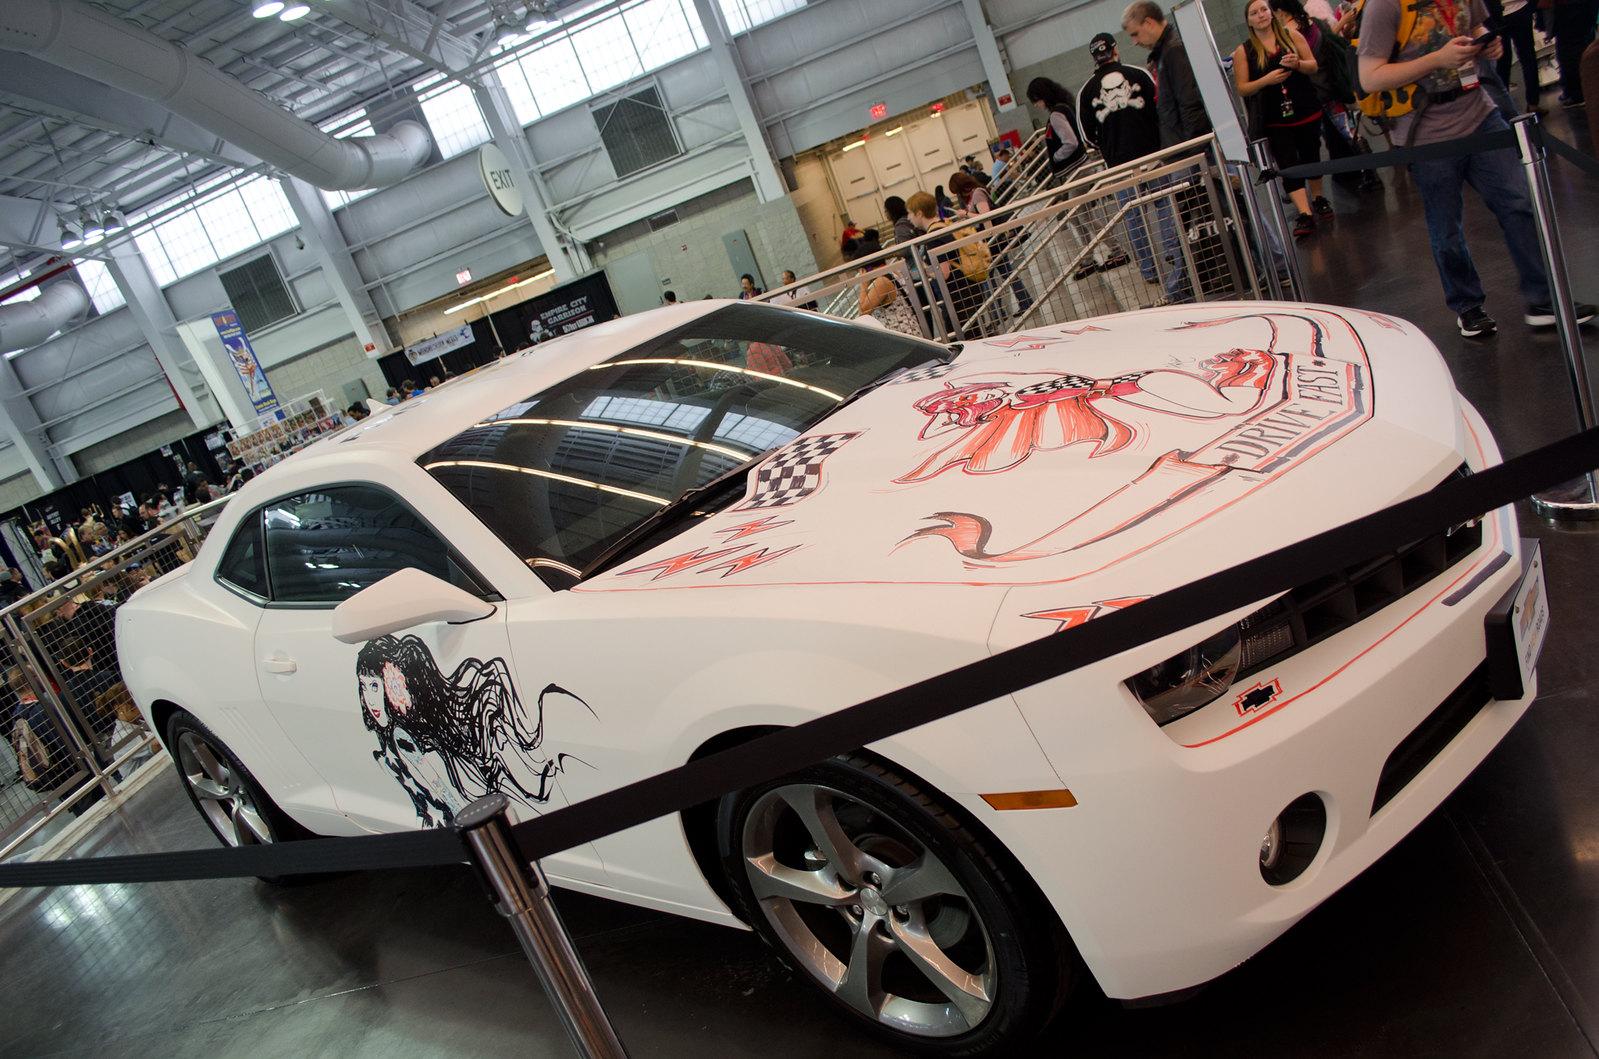 NYCC Art Car